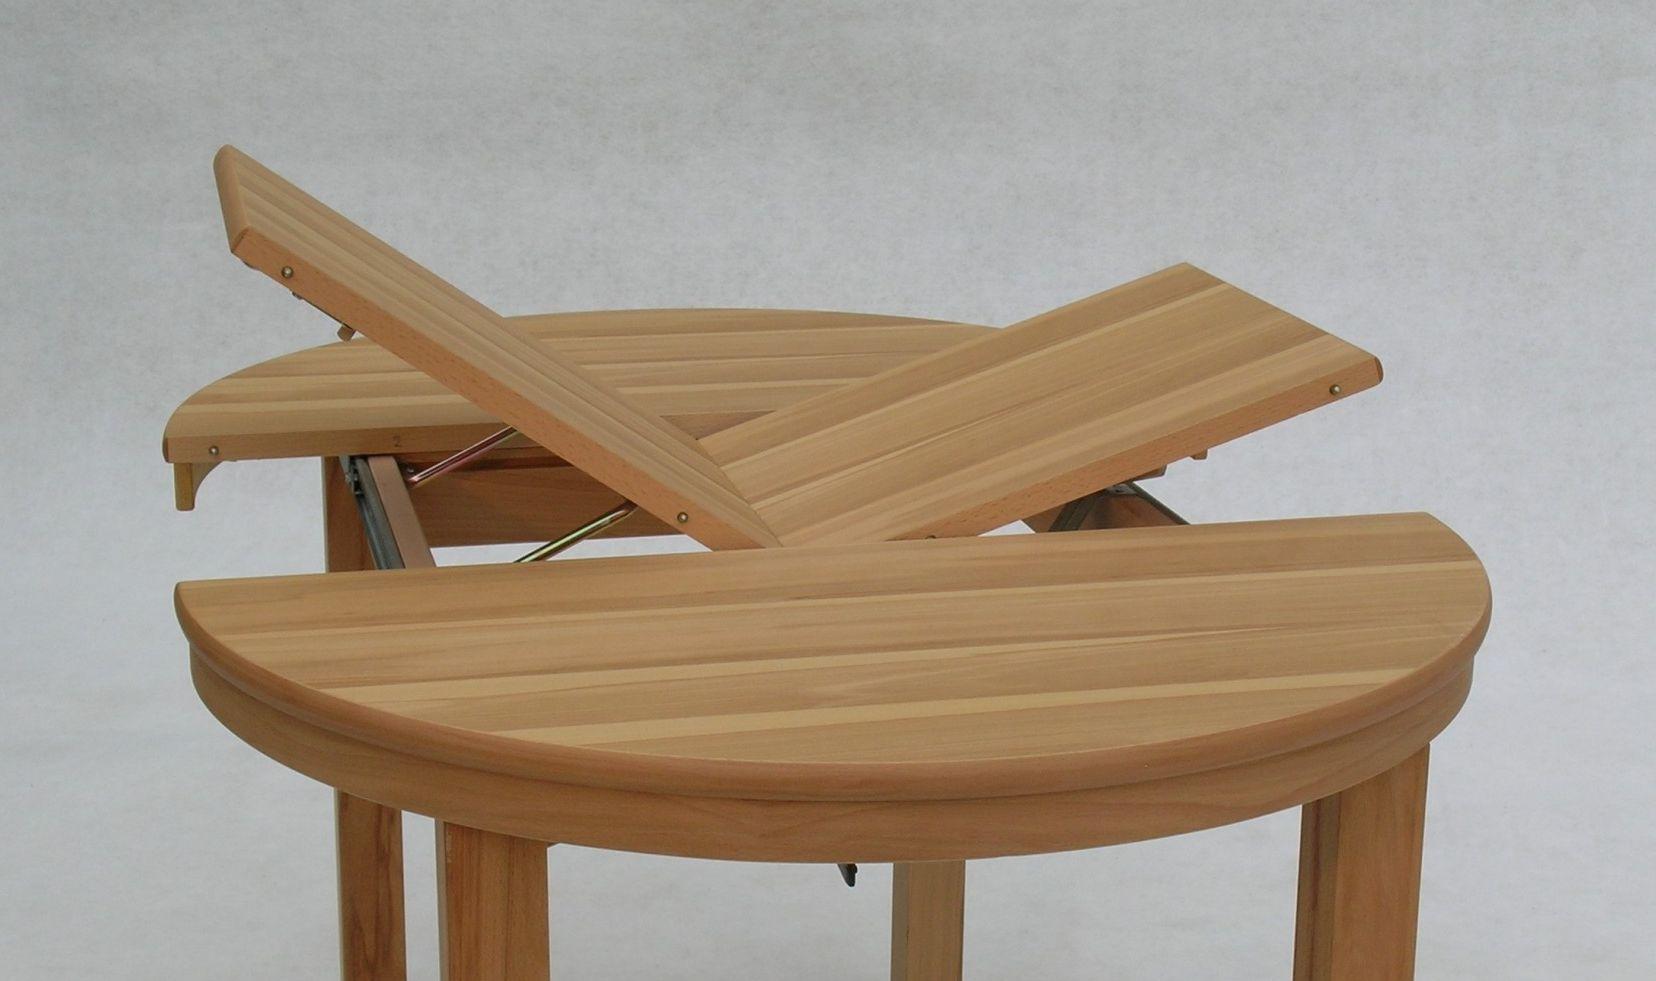 esstisch massivholz buche ausziehbar eingebung bild der eefbabededeece